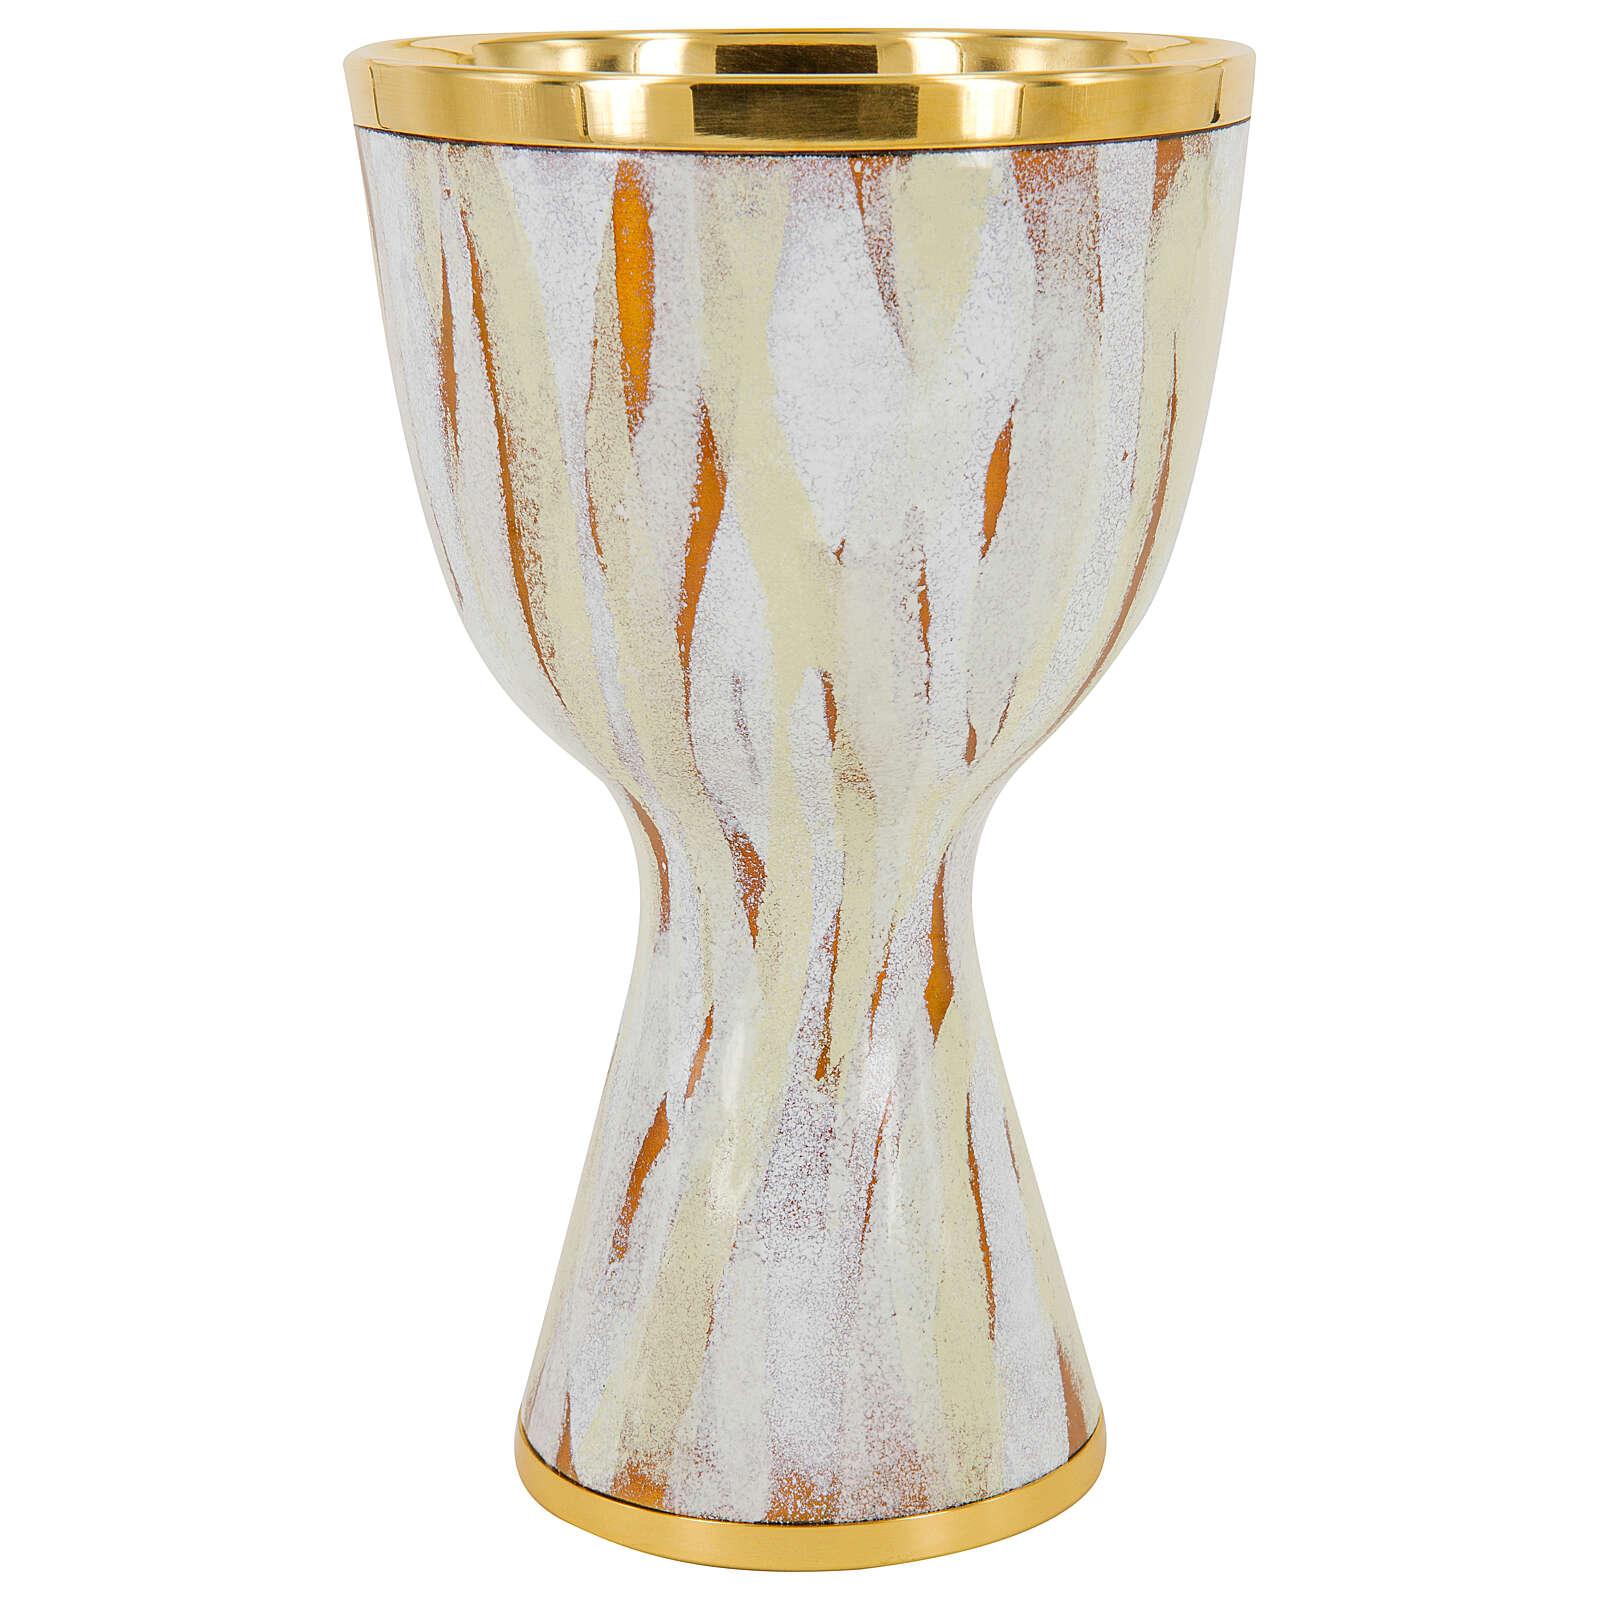 Calice smalto bianco coppa argento ottone dorato 18,5 cm 4